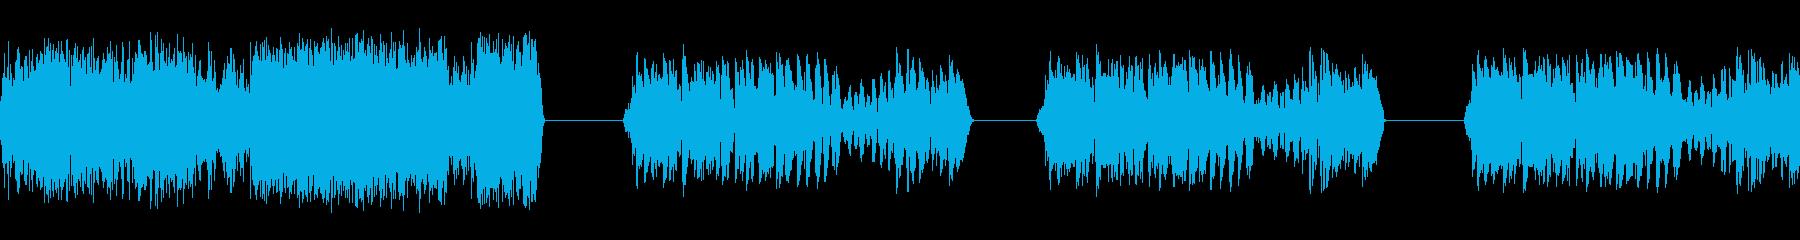 ラジオヒット3の再生済みの波形